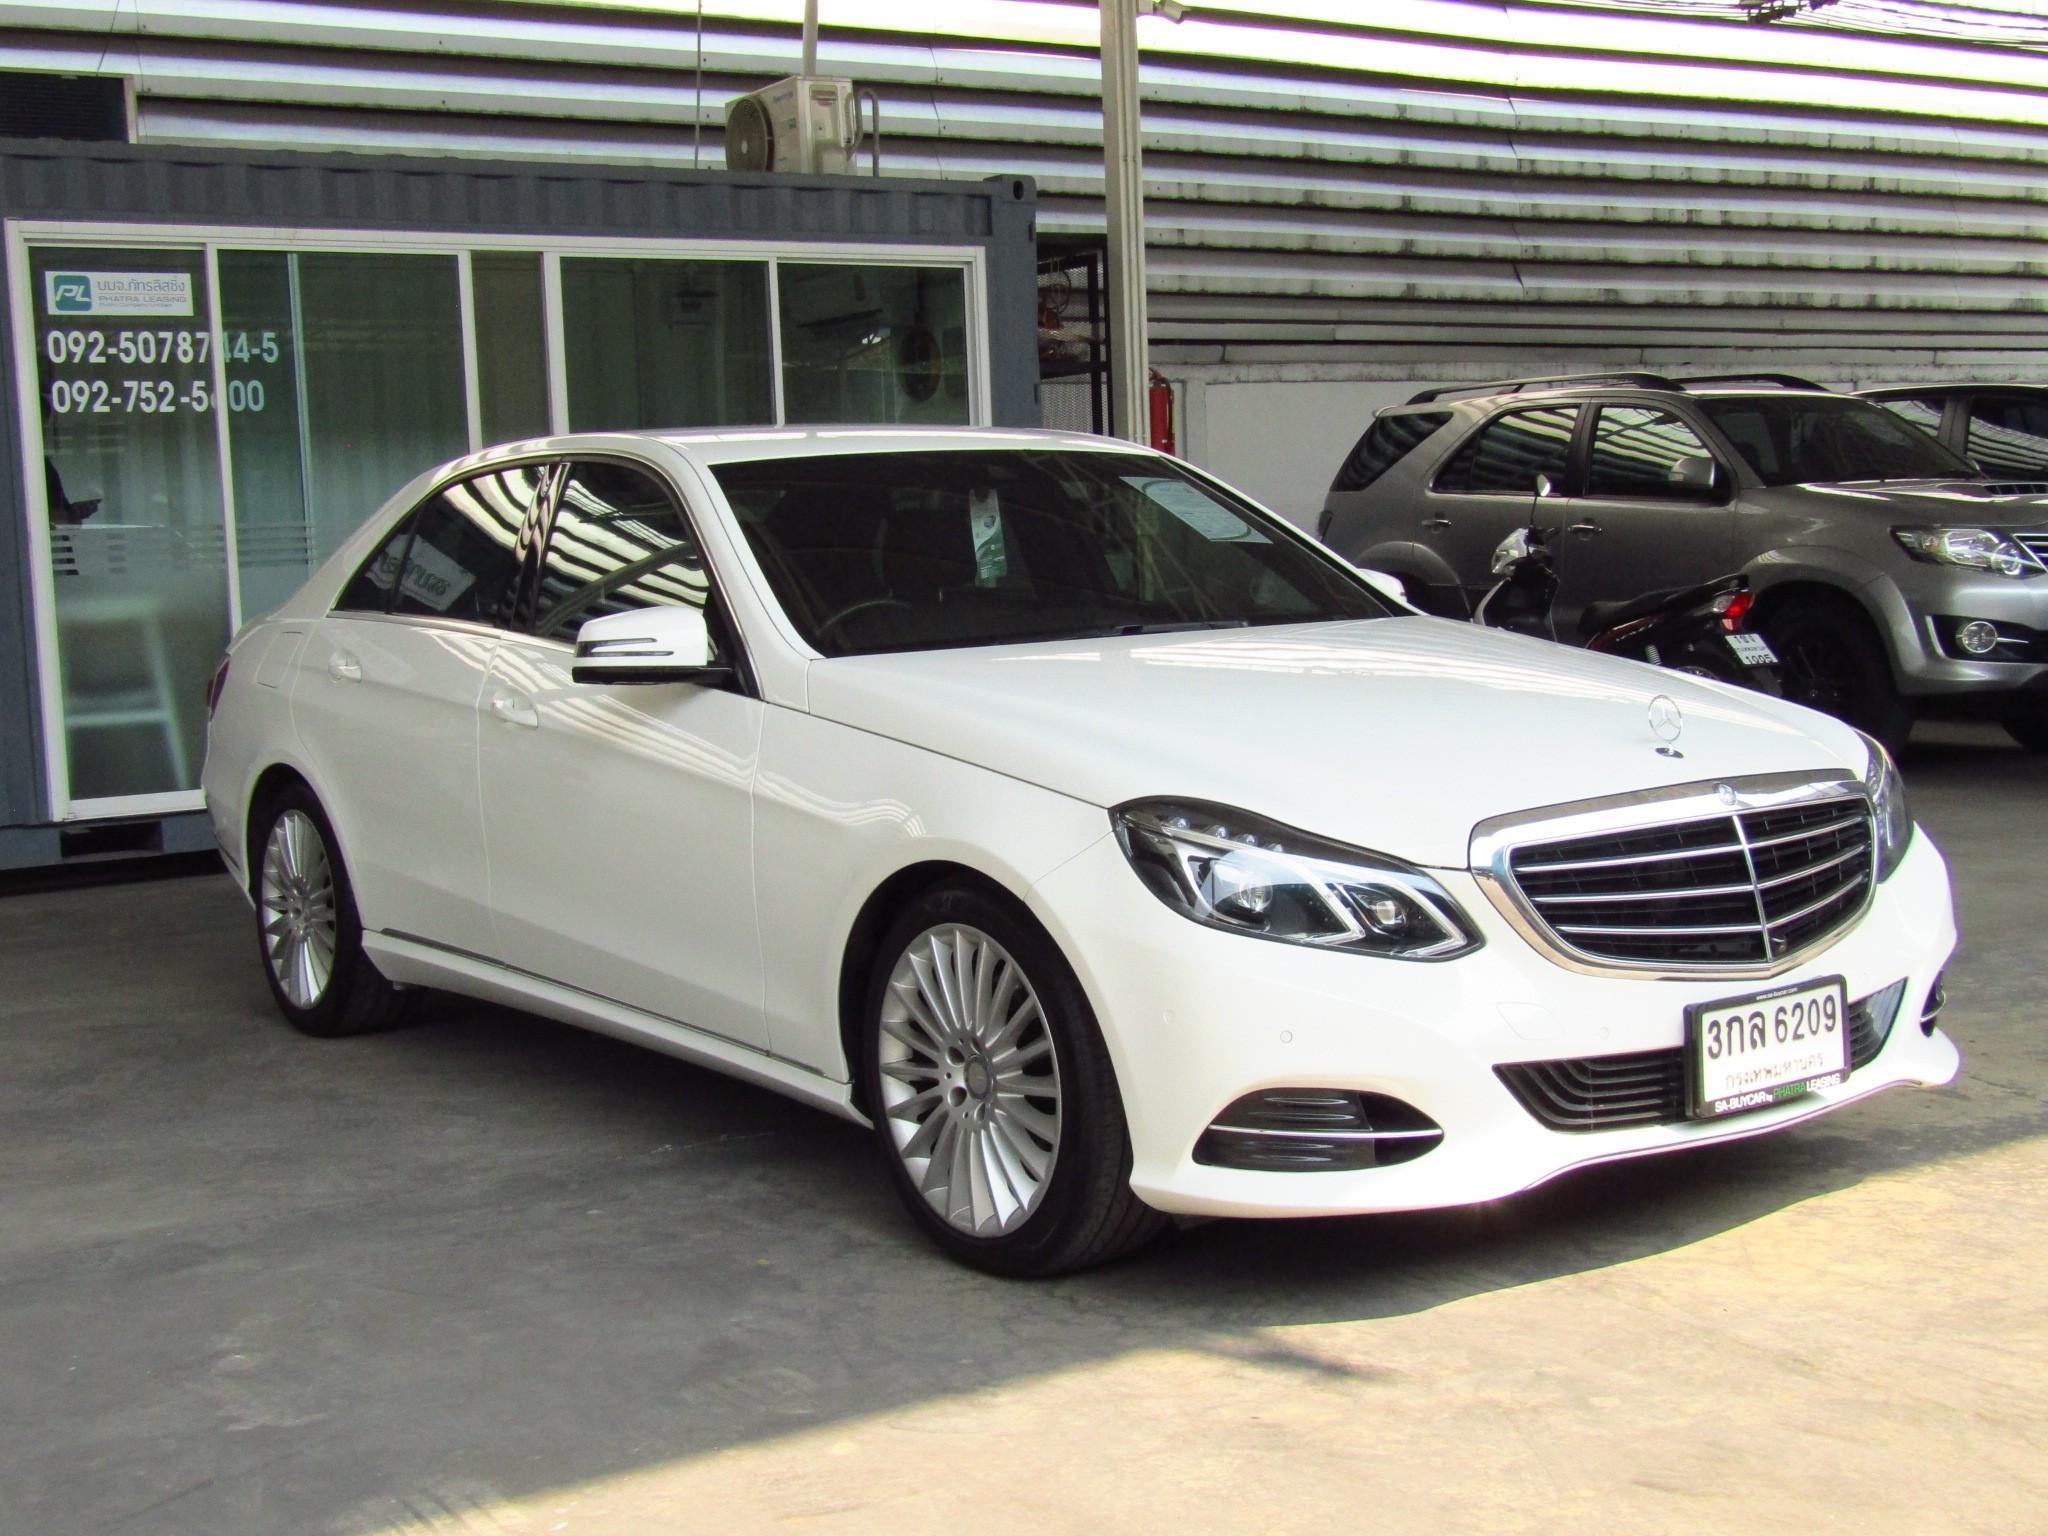 Mercedes-Benz E300 2.1 W212 (136,xxx) Executive Blue TEC HYBRID Sedan AT (ผ่อน 18,810 บาท / 60 งวด)